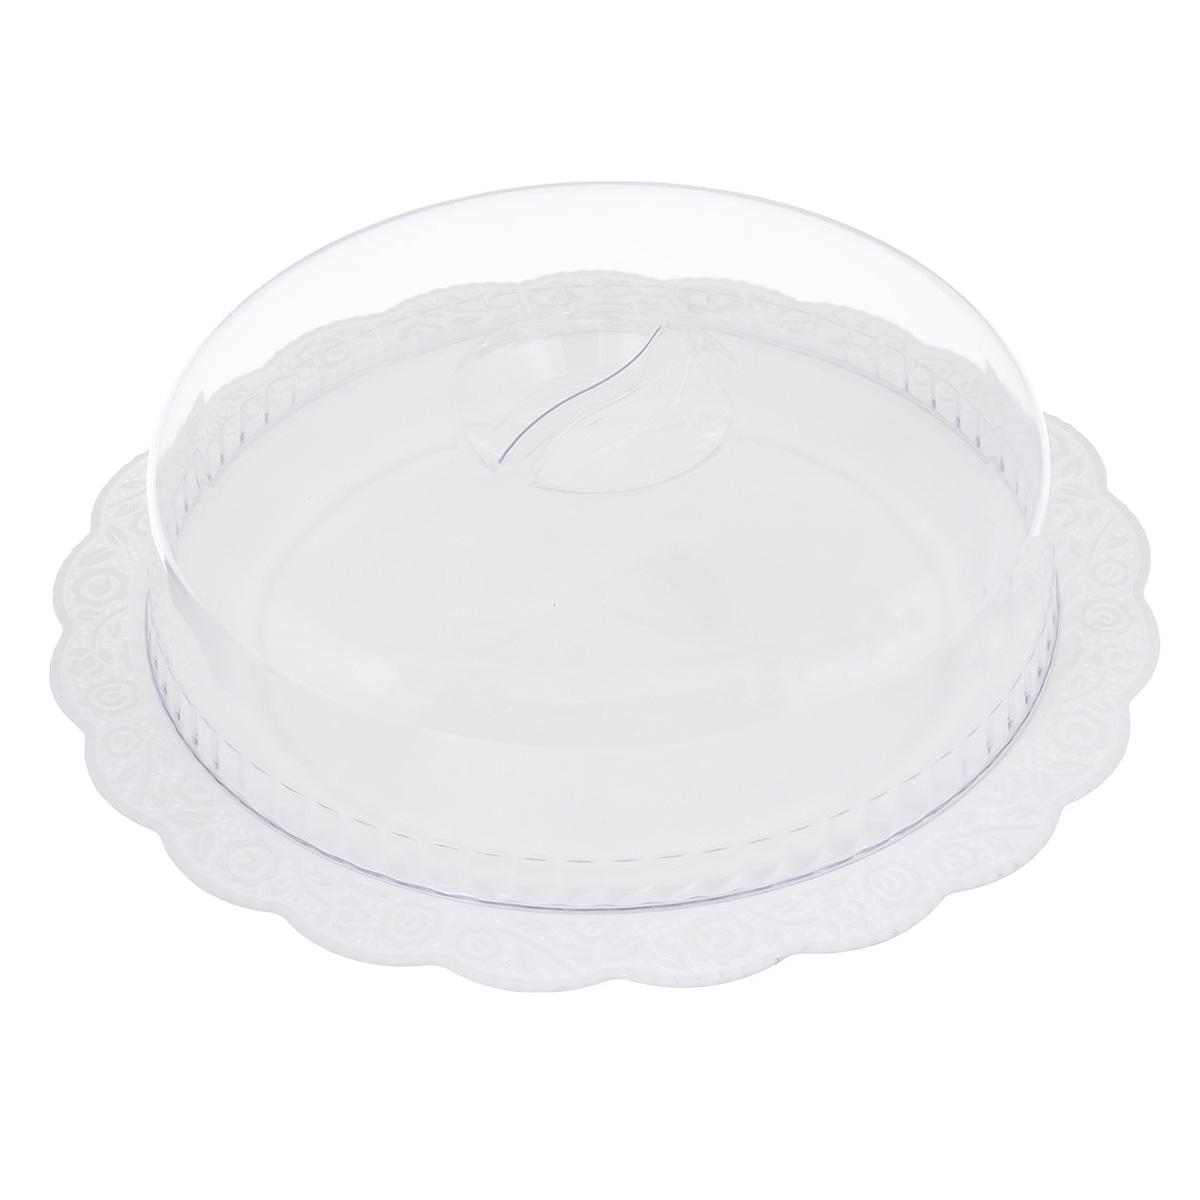 Блюдо Альтернатива Нежность, с крышкой, цвет: белый, прозрачный, диаметр 36,5 см115010Круглое блюдо Альтернатива Нежность, выполненное из высококачественного пищевого пластика, оснащено прозрачной крышкой. Волнообразные края изделия оформлены красивым рельефным рисунком. Блюдо идеально для подачи торта и больших пирогов. Оригинальный дизайн придется по вкусу и ценителям классики, и тем, кто предпочитает утонченность и изысканность. Диаметр блюда: 36,5 см. Диаметр крышки: 28 см.Высота (с учетом крышки): 10 см.